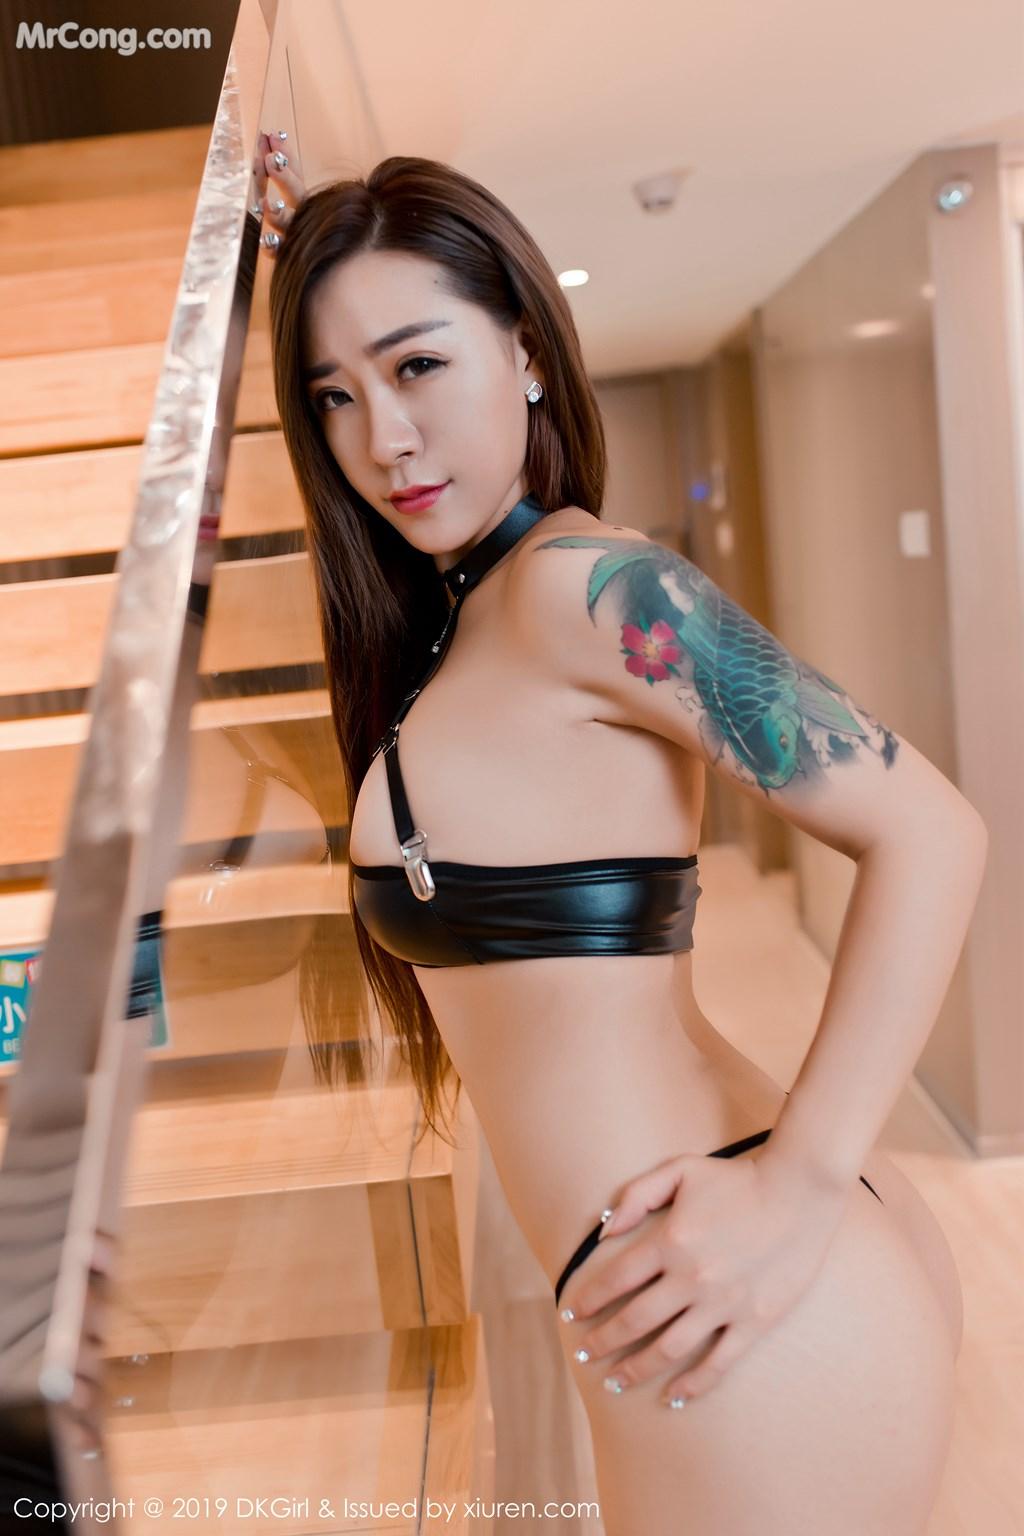 Image DKGirl-Vol.109-Cier-MrCong.com-024 in post DKGirl Vol.109: 雪儿Cier (49 ảnh)